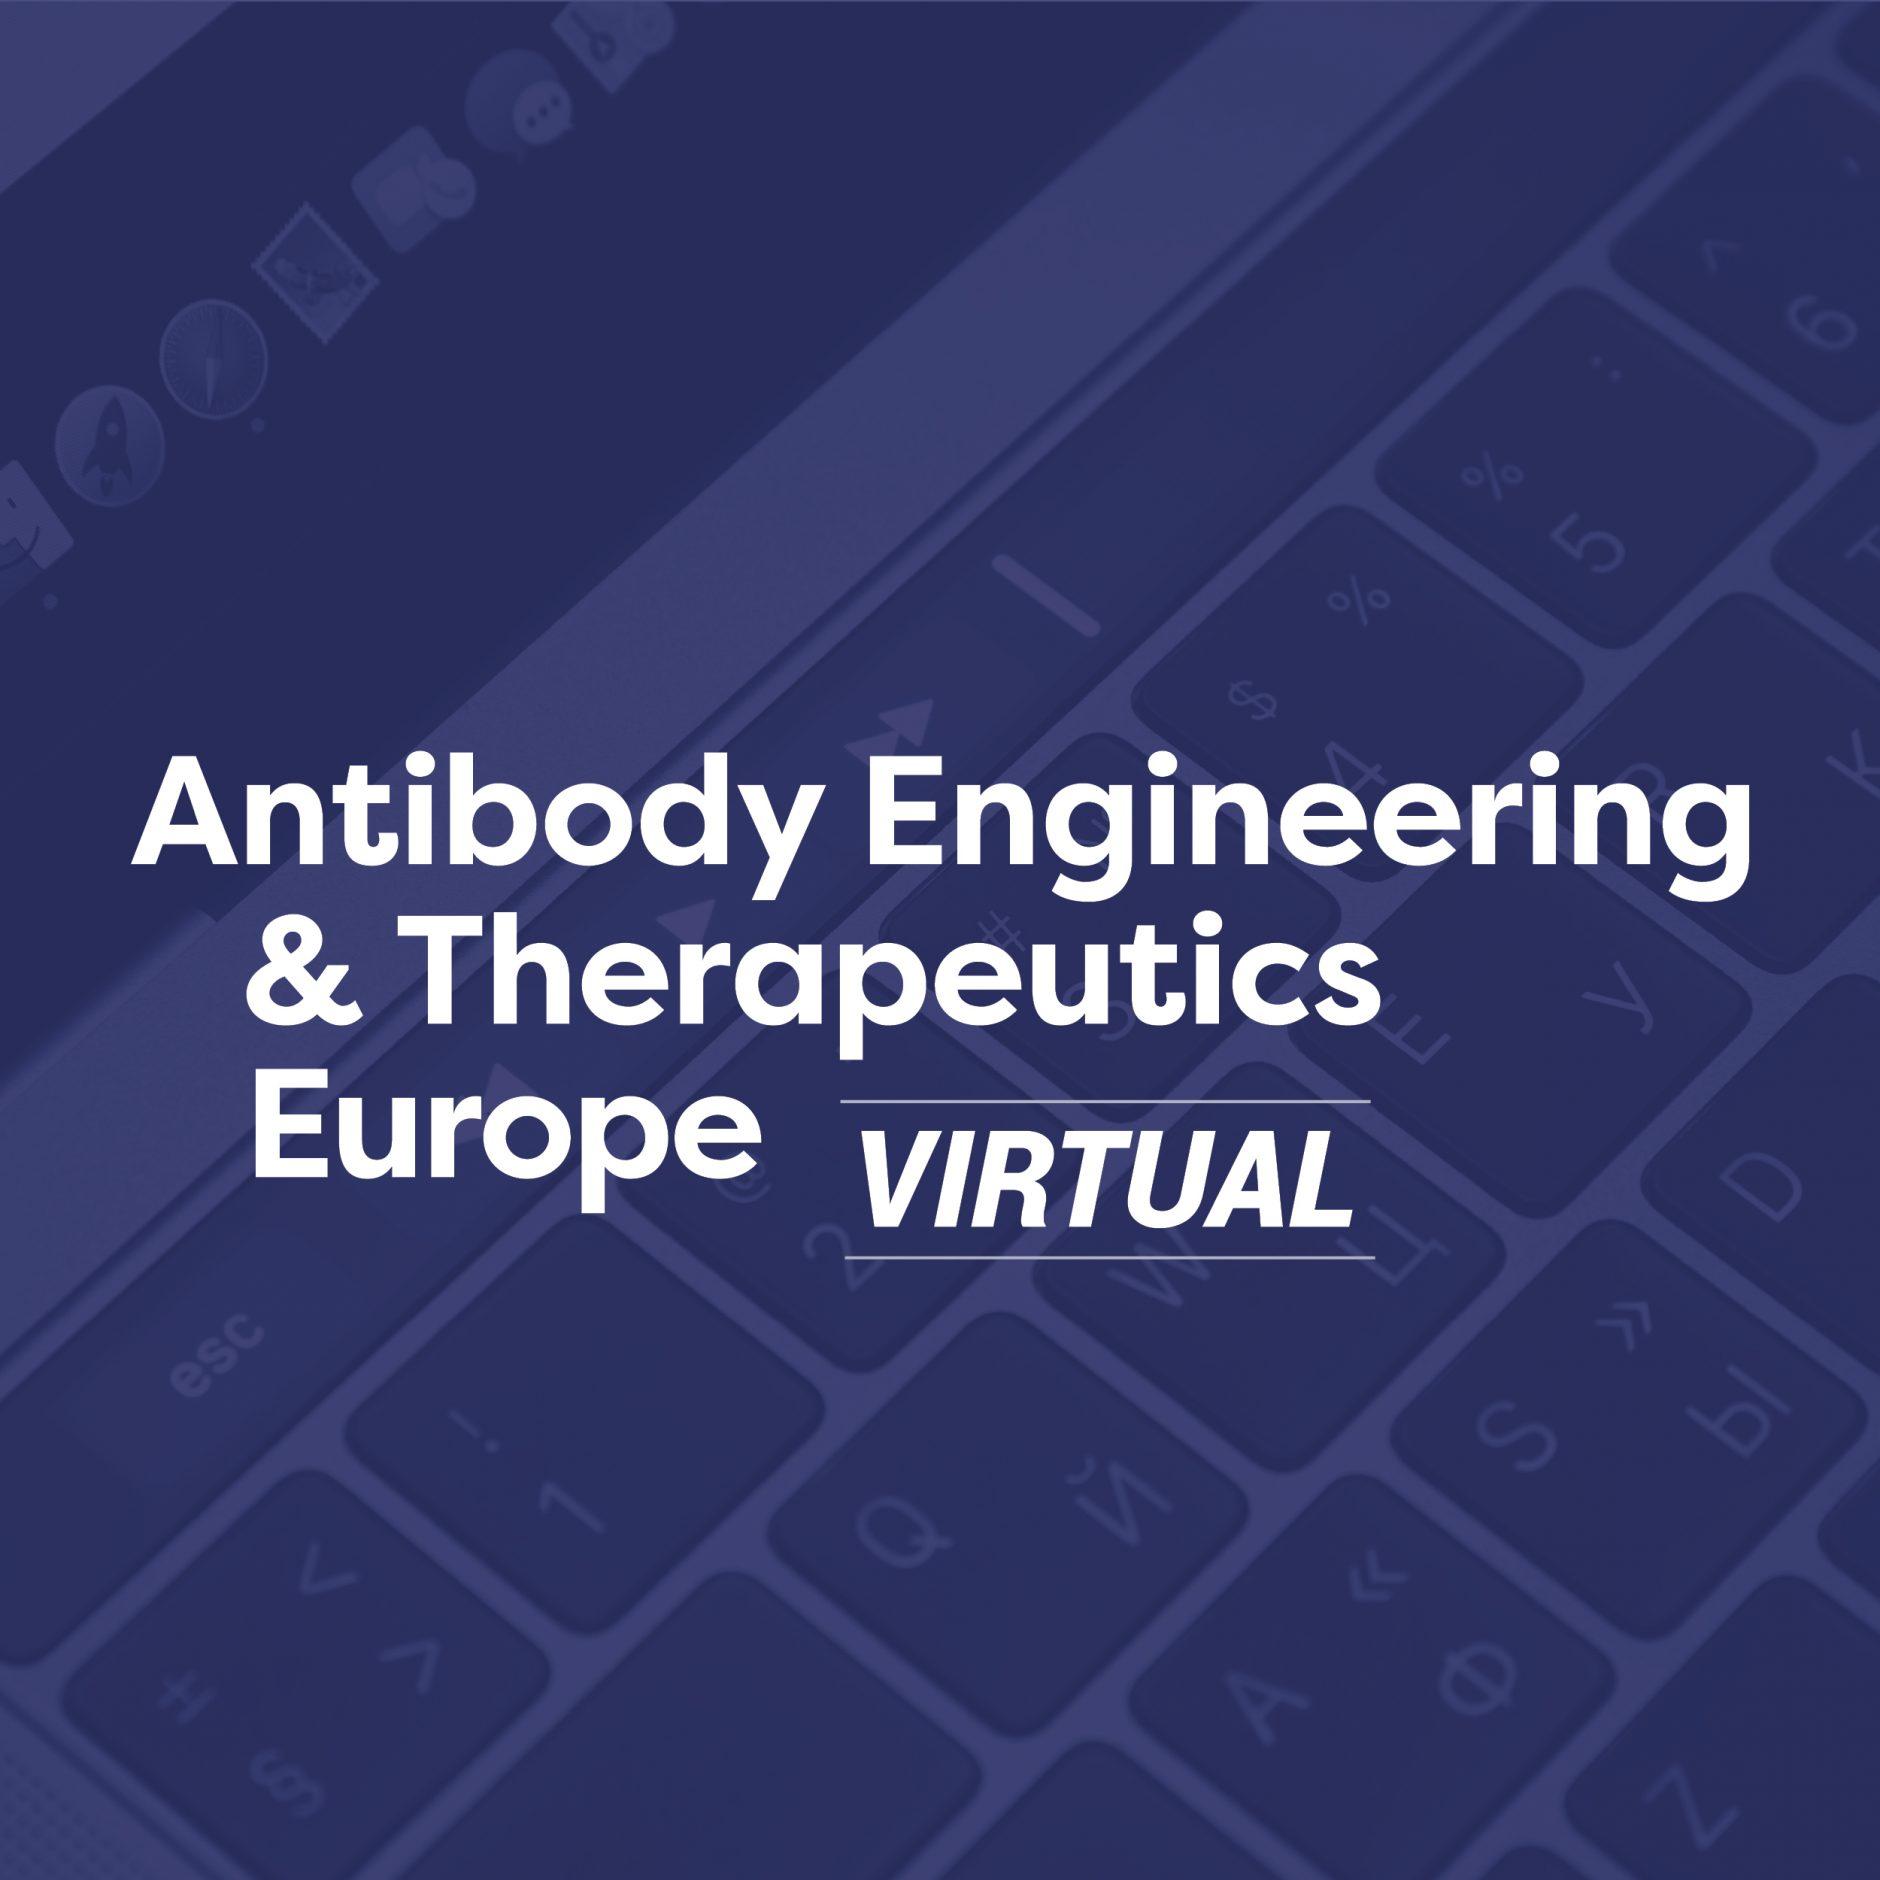 AET Europe 2021